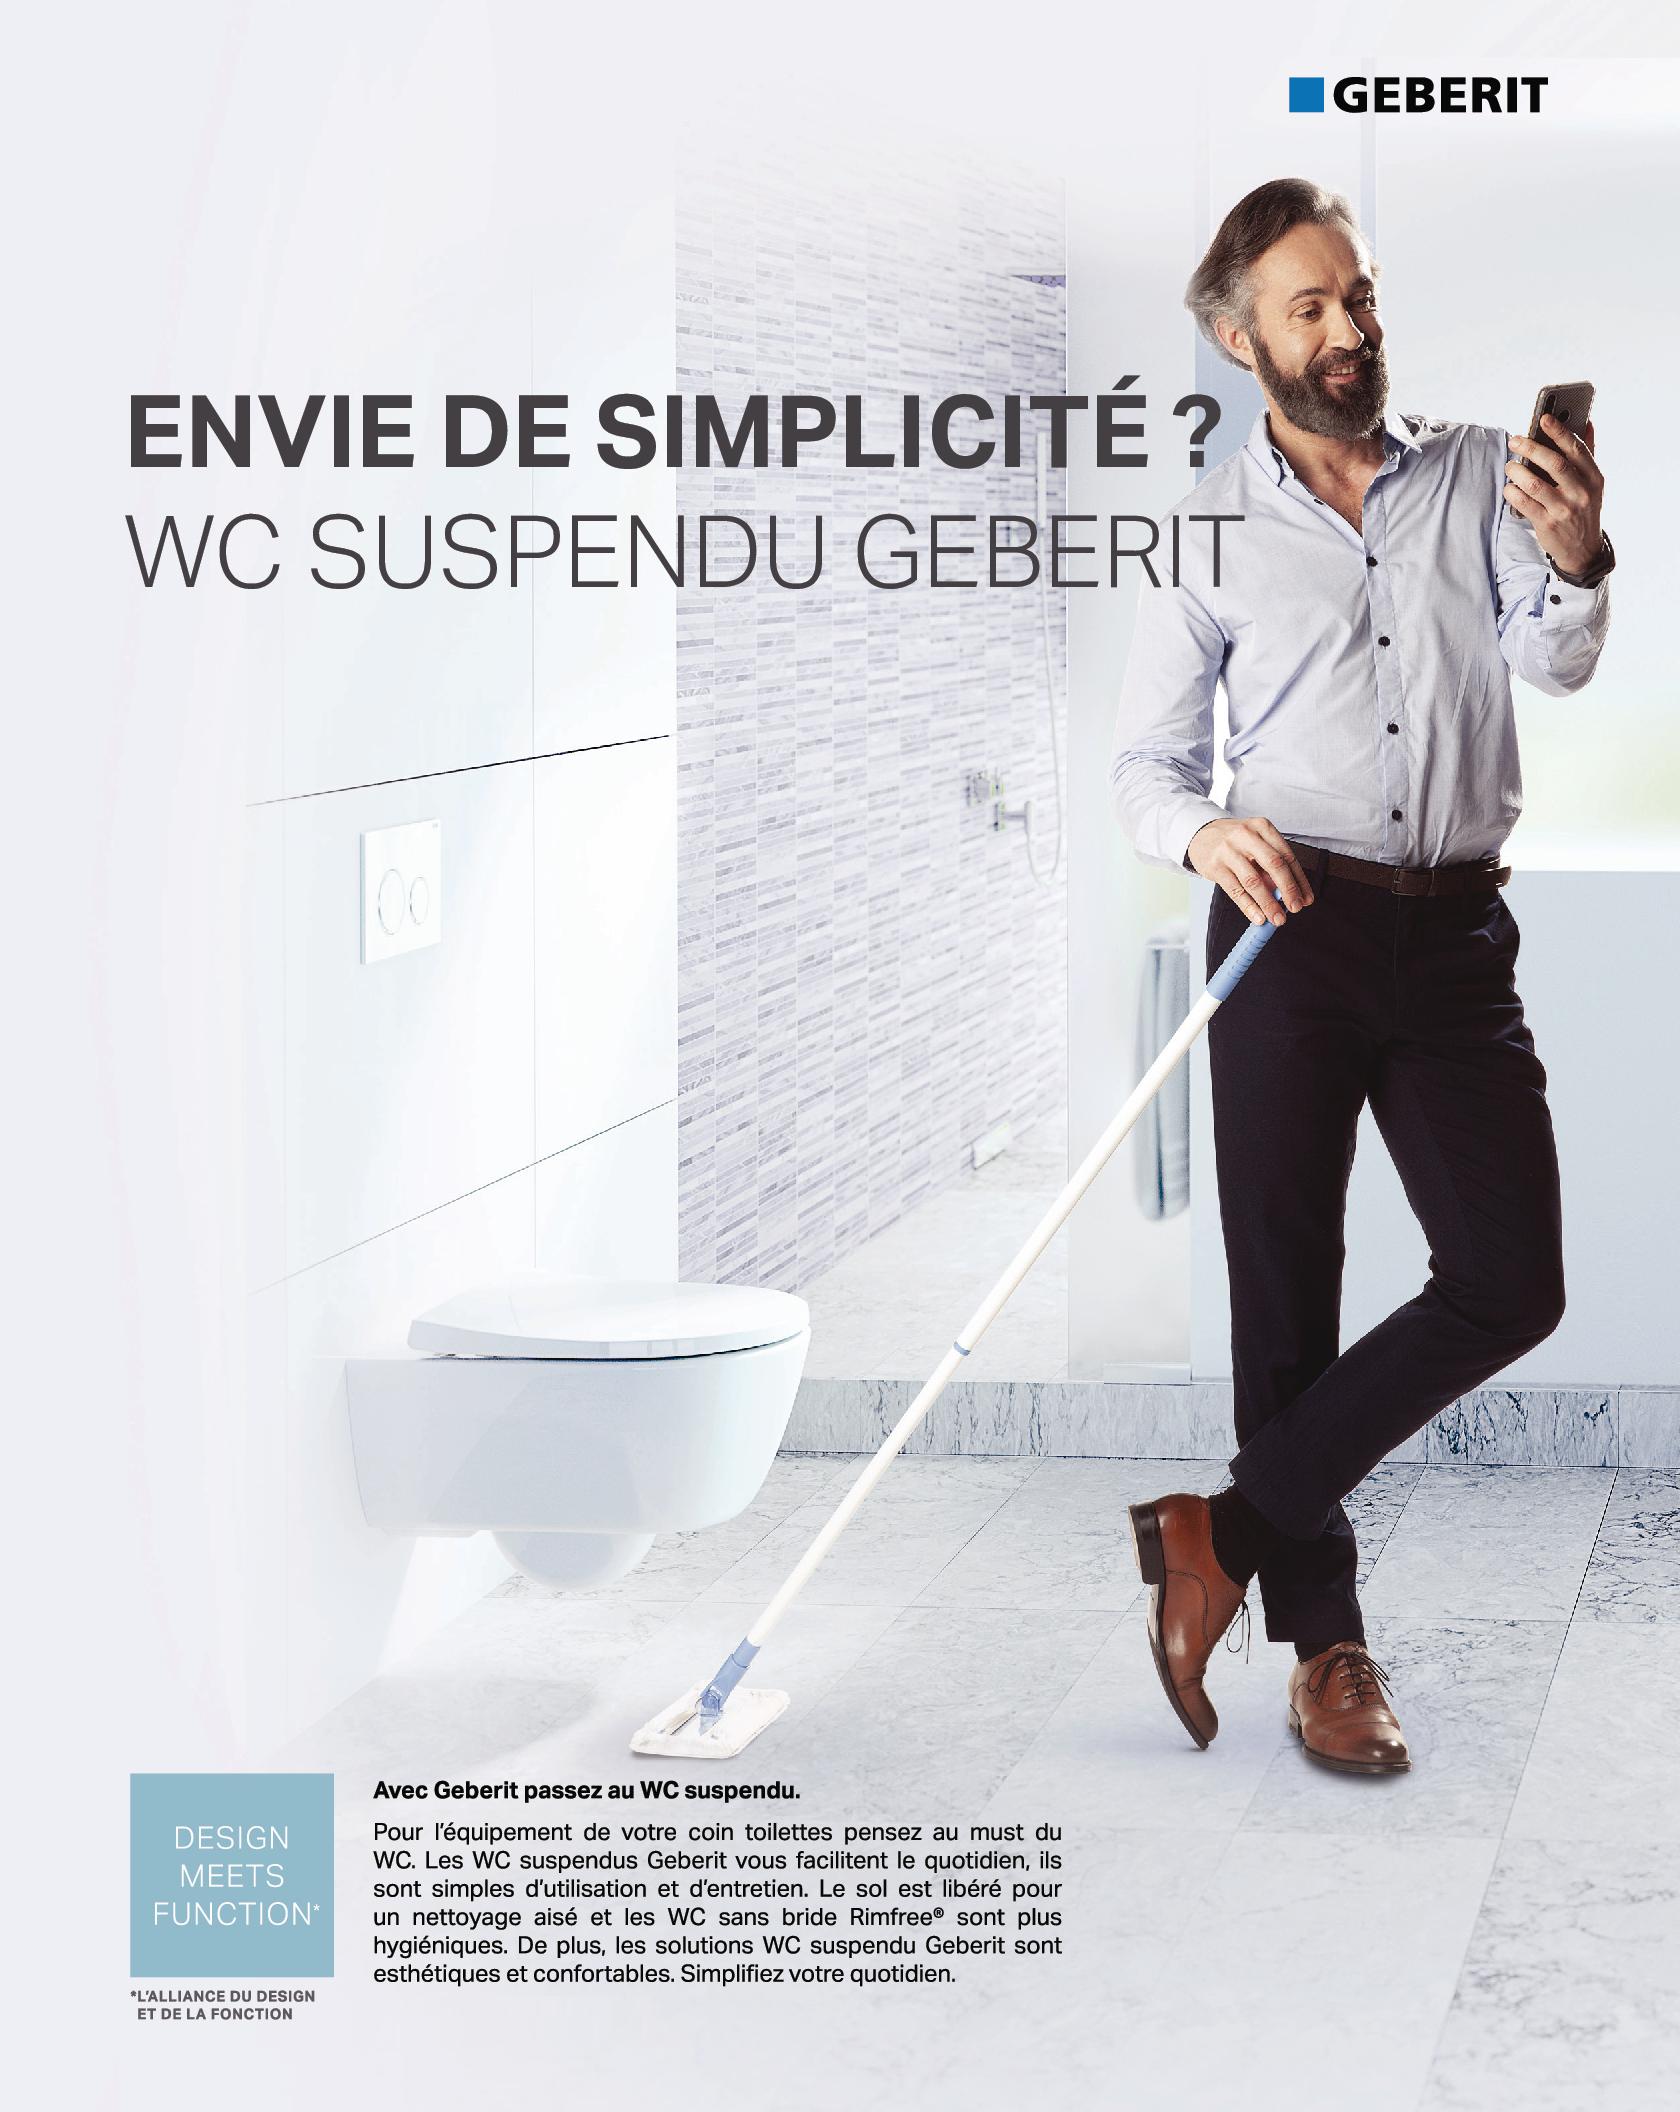 WC Tunisie / Cuvette suspendue Tunisie / Geberit Tunisie / Salle de bains Tunisie